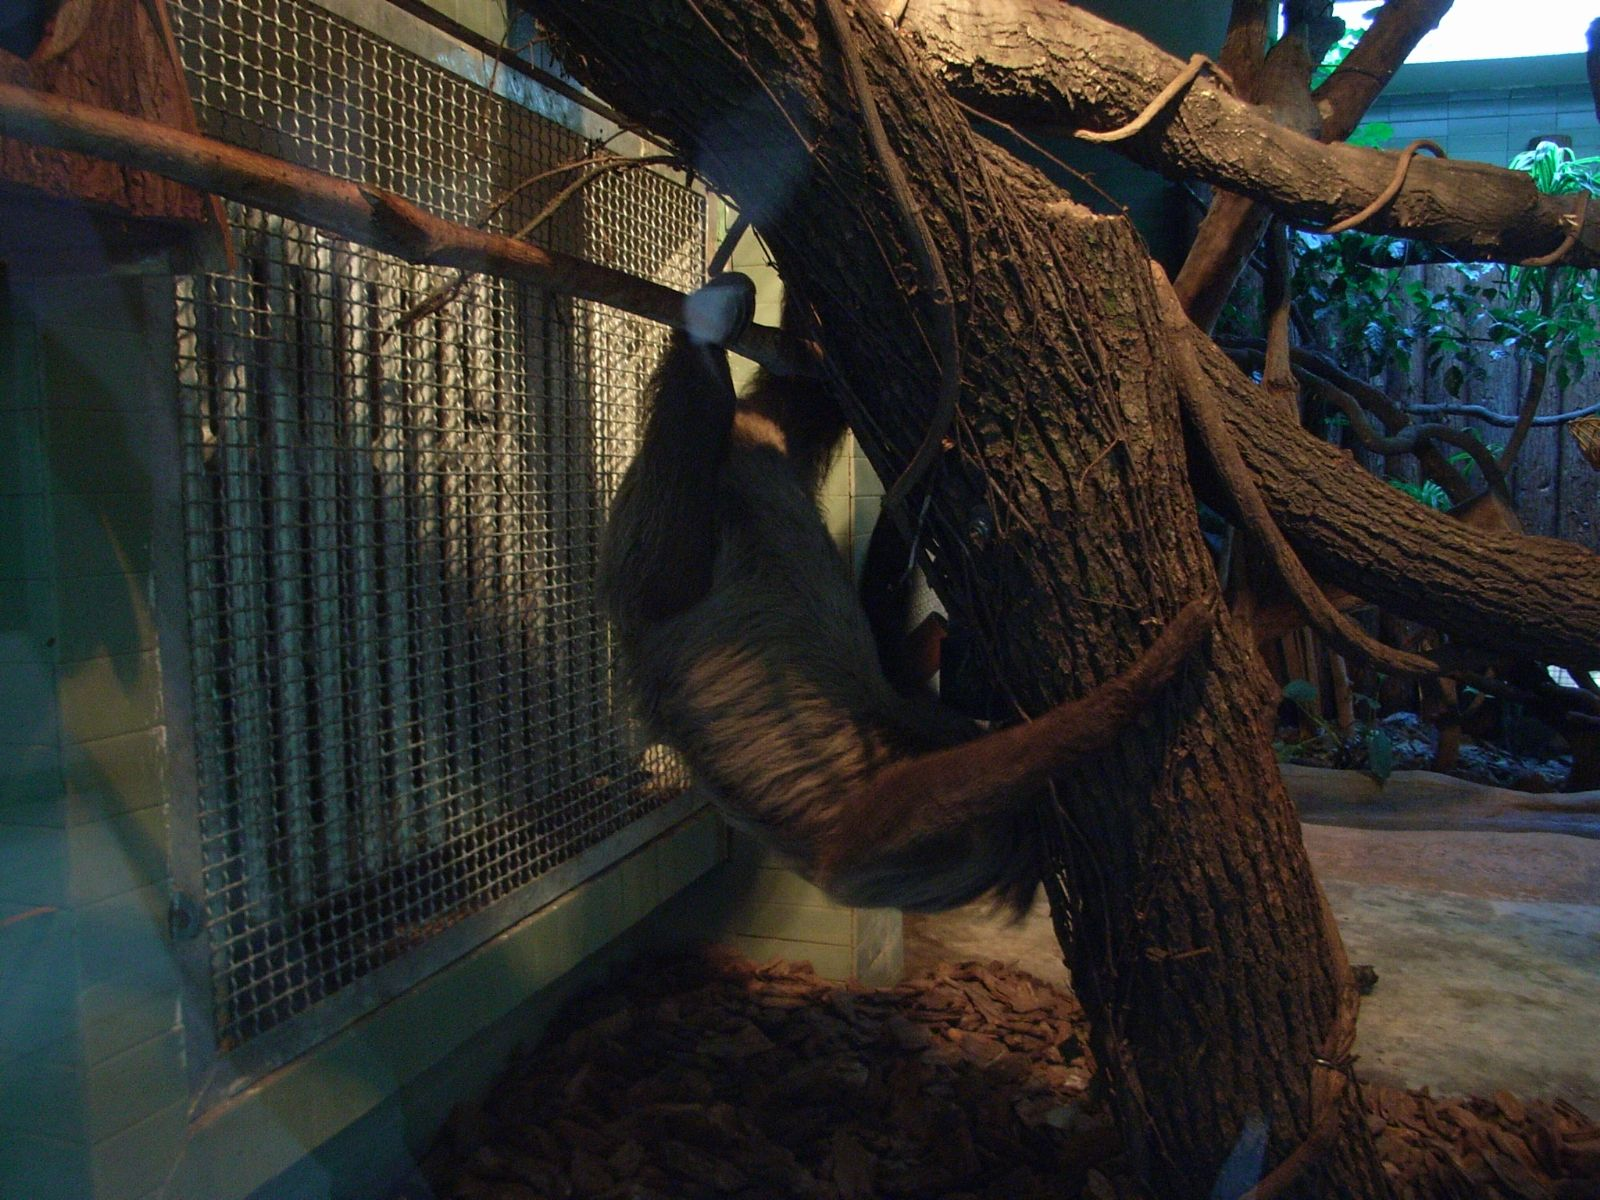 上海动物园新引进树懒正式对外展出